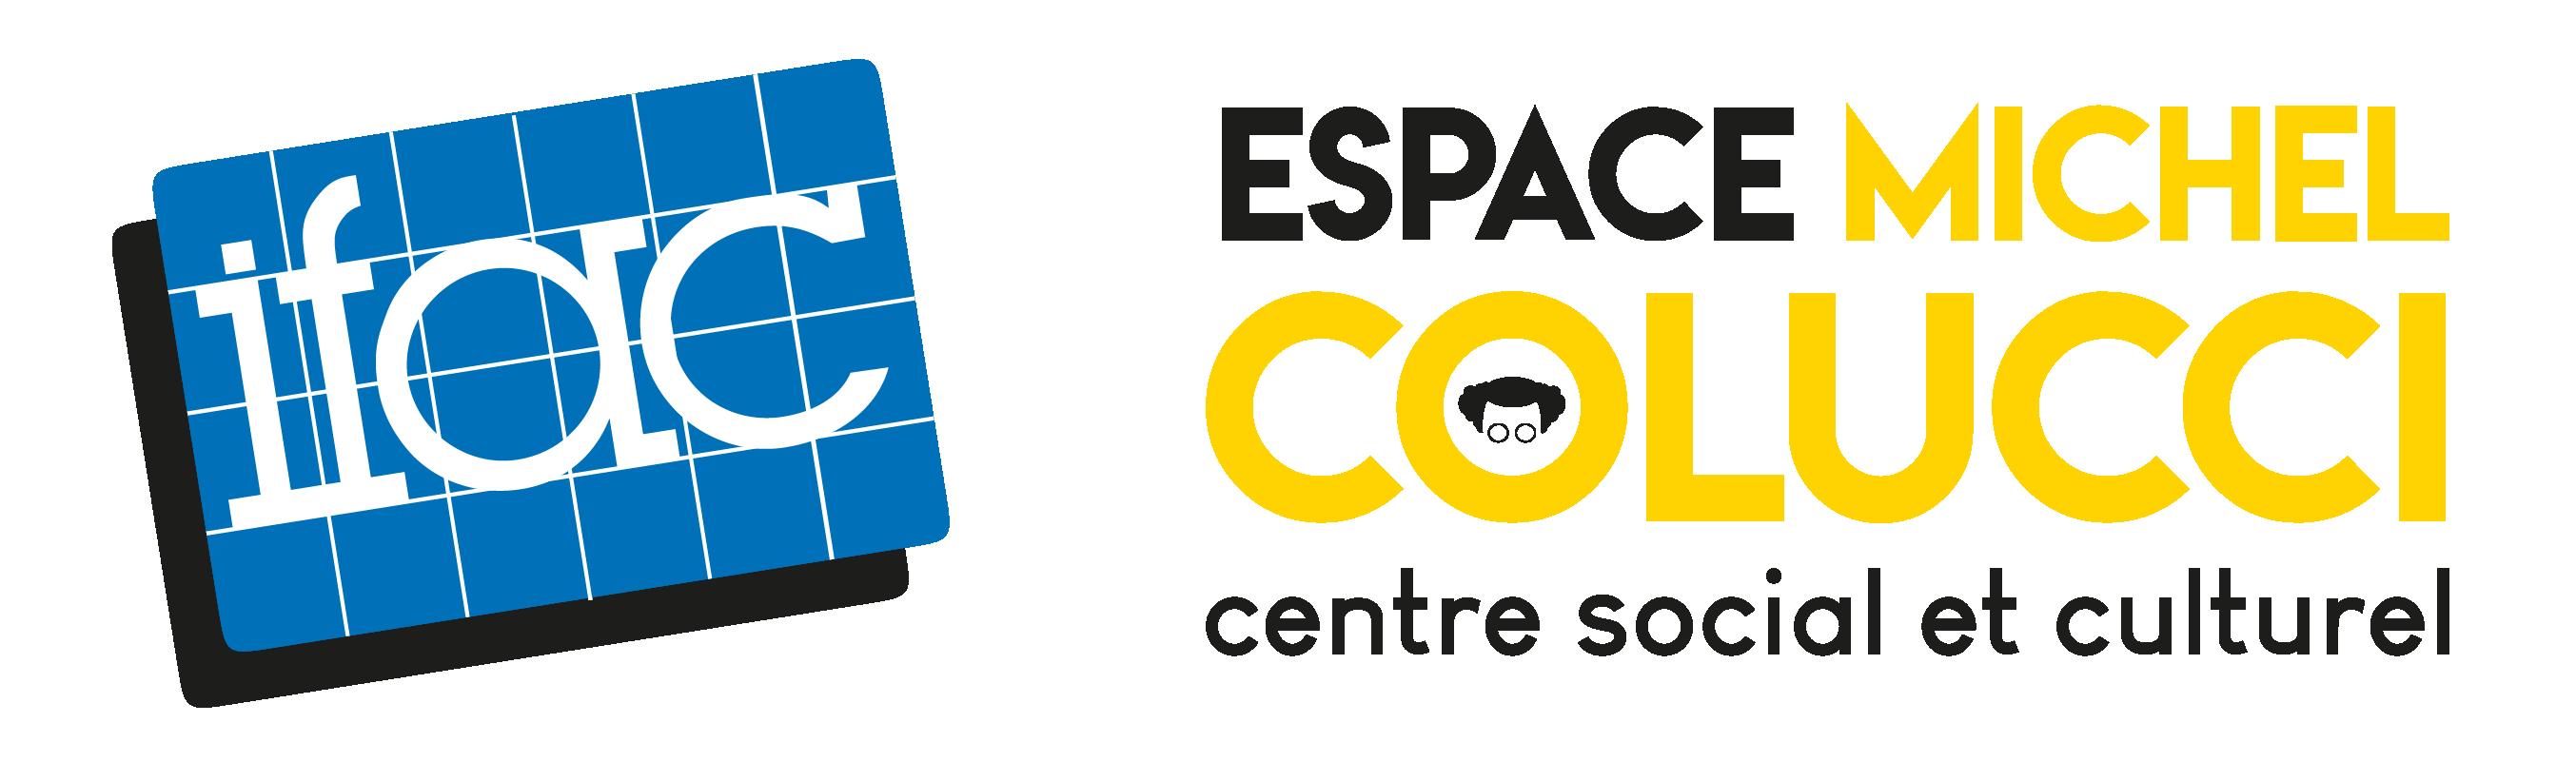 Logo Colucci